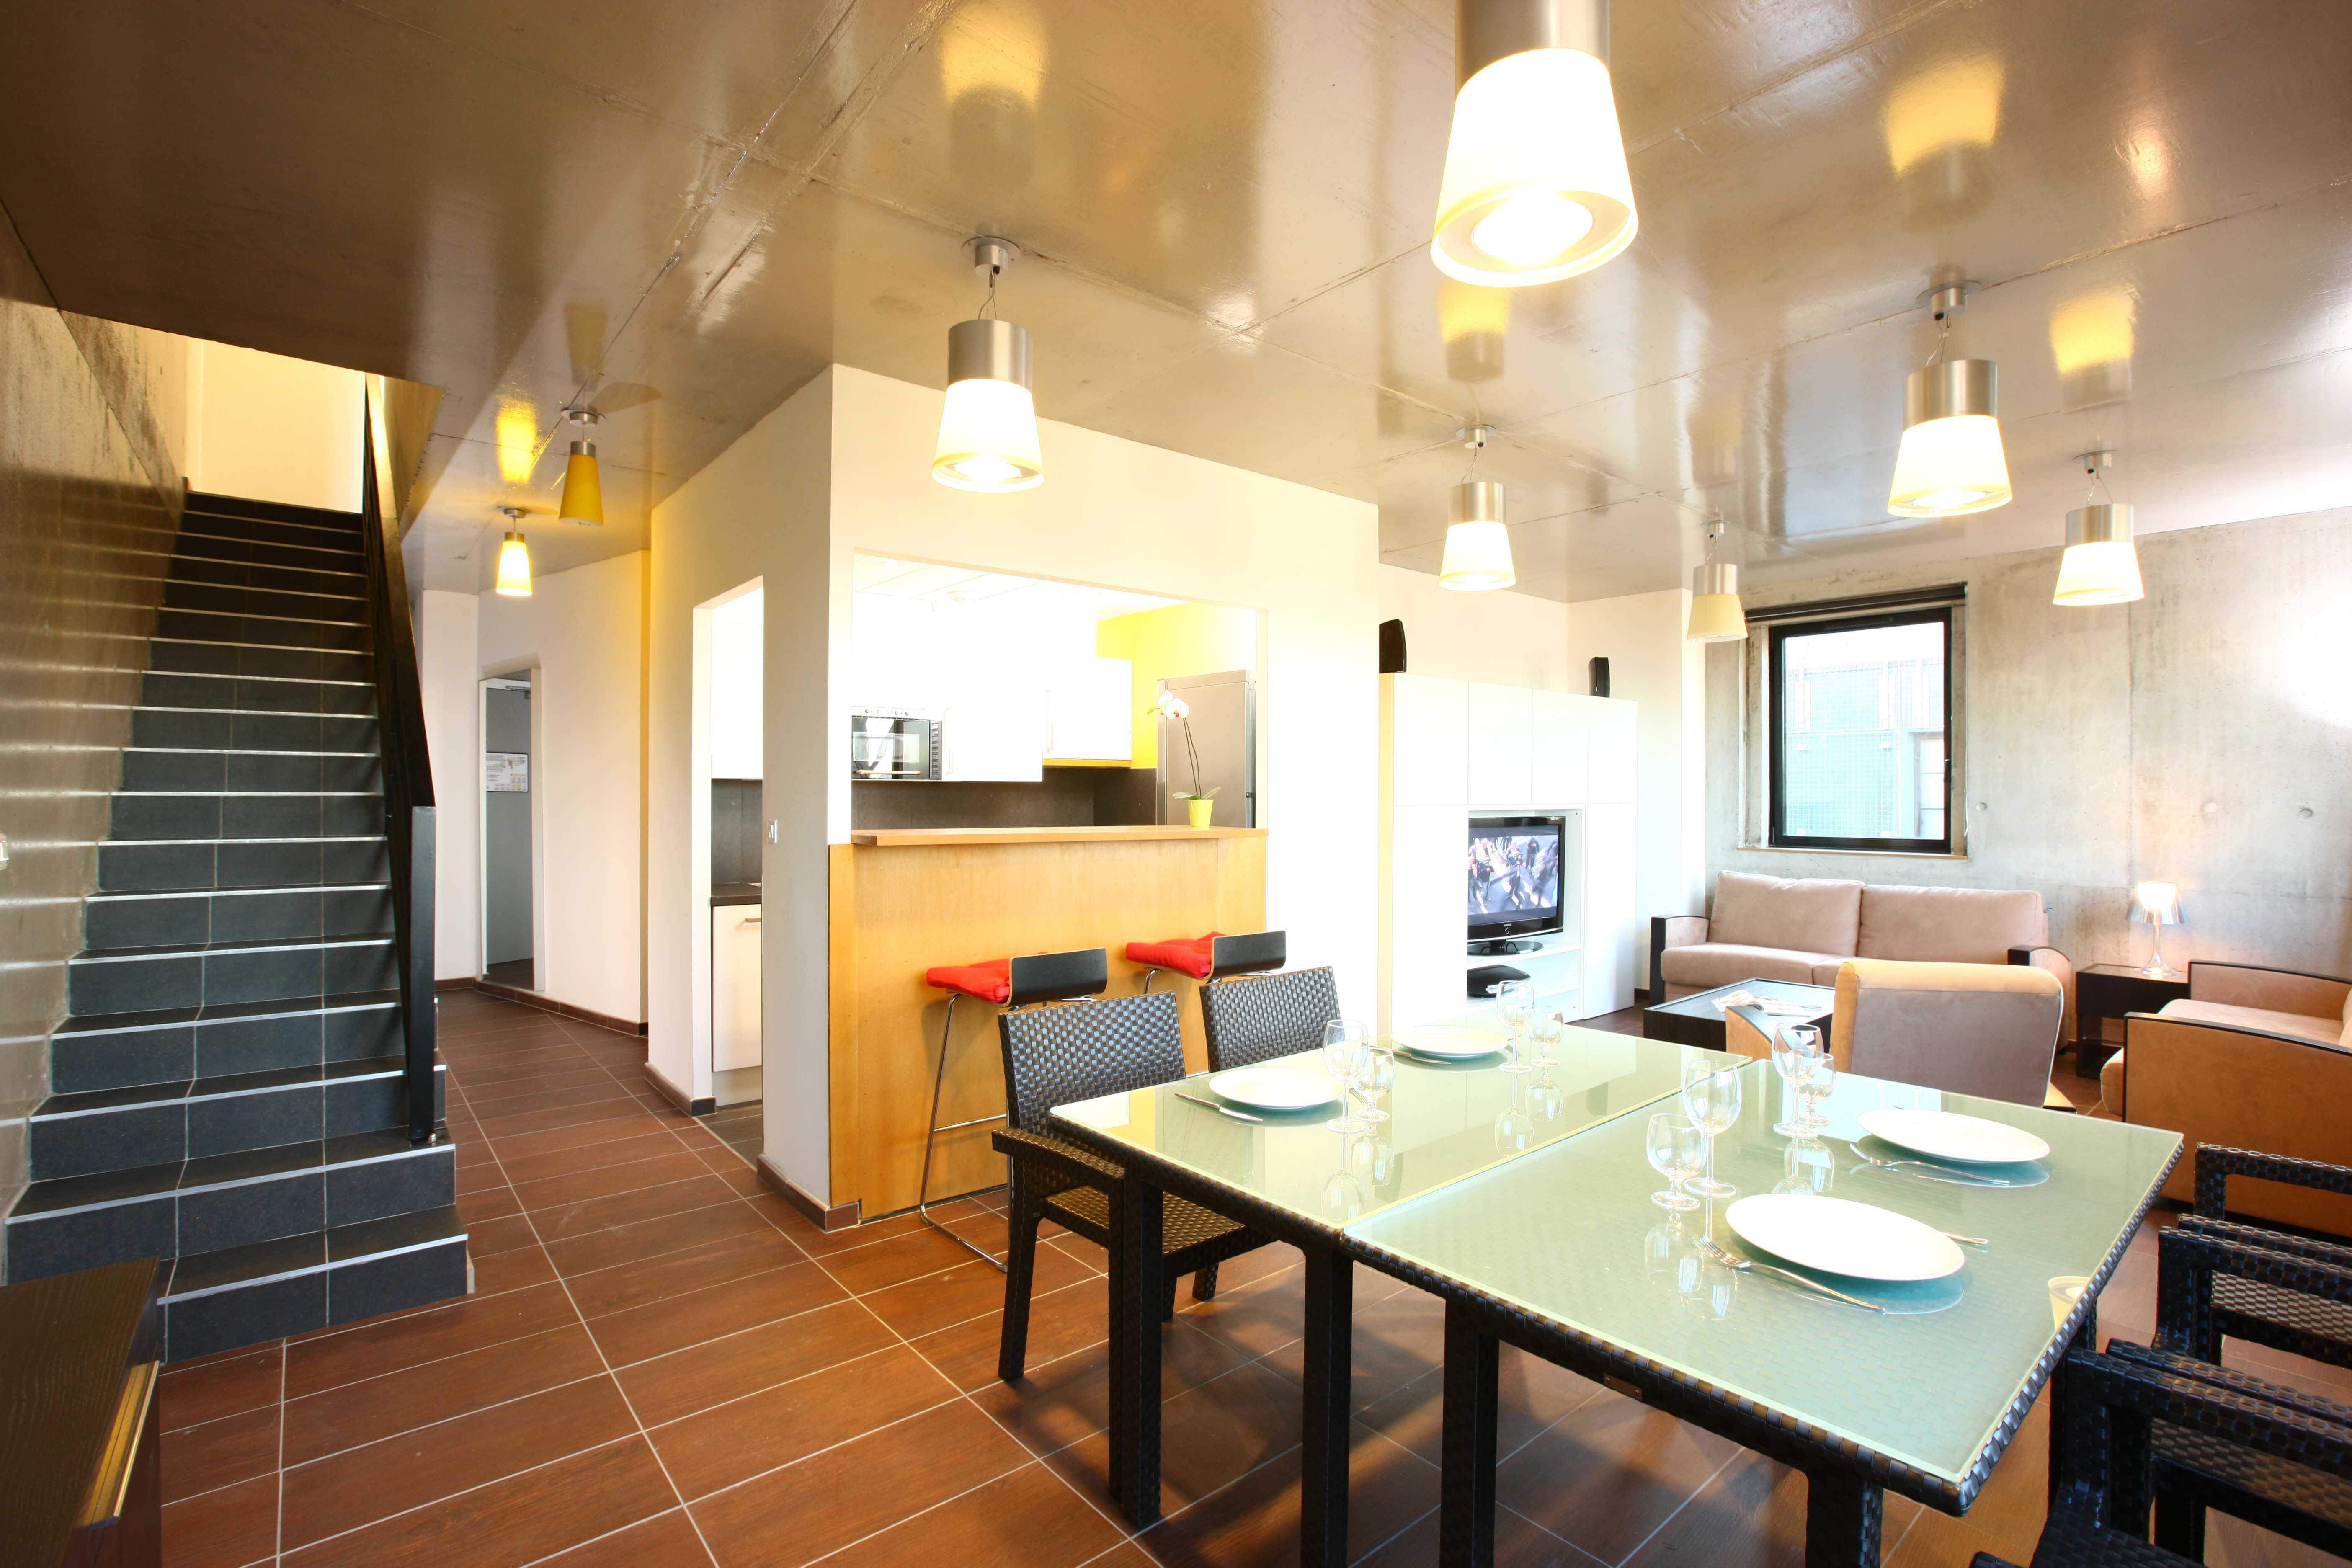 hôtel Lille location bel appartement famille Olivarius Apart'hotels Lille Villeneuve d'Ascq